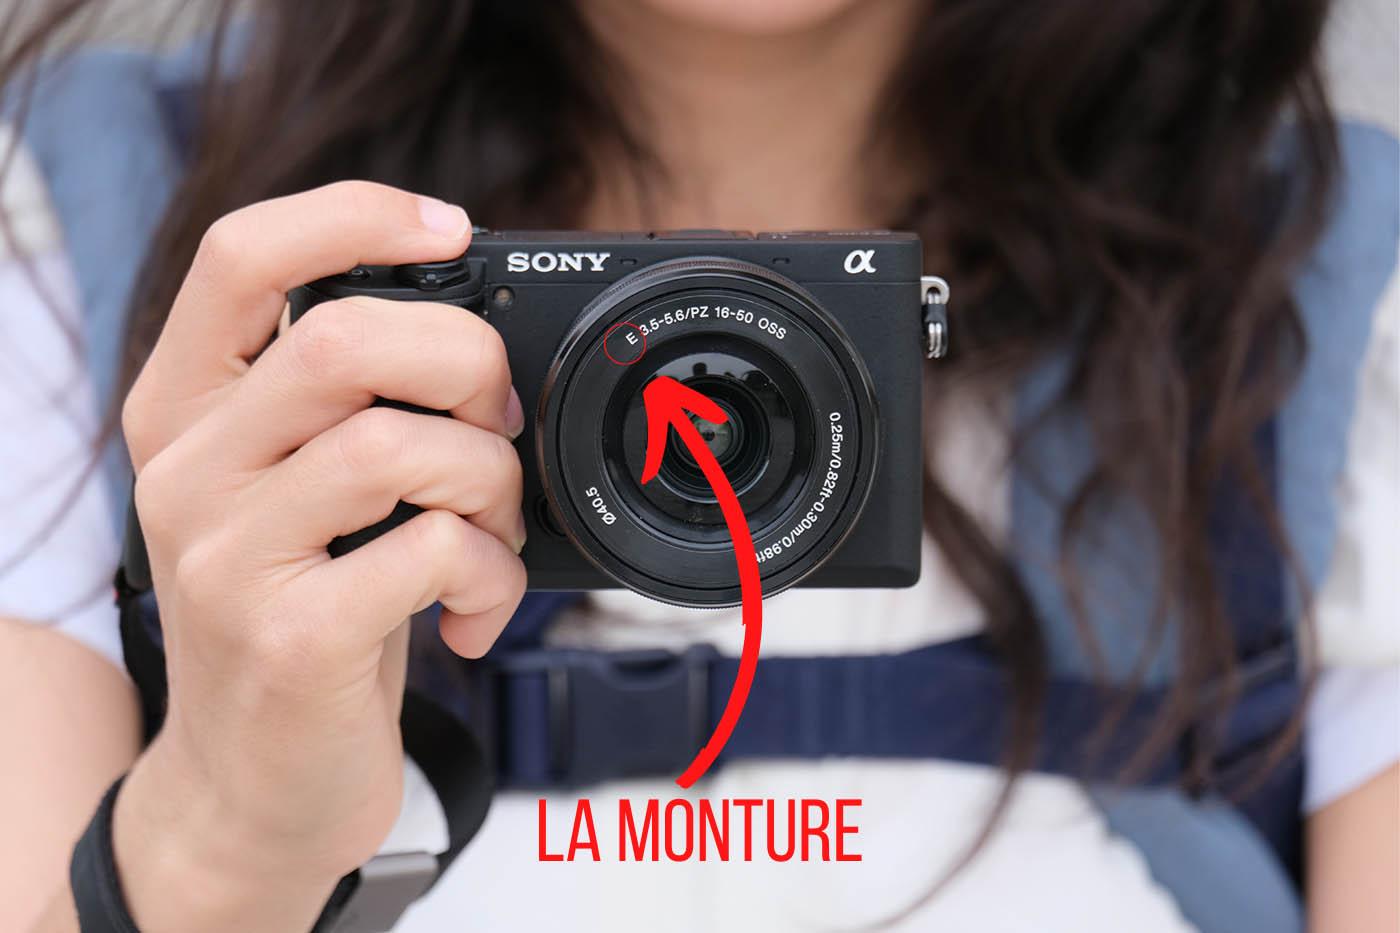 comment choisir un objectif photo compatible avec son appareil